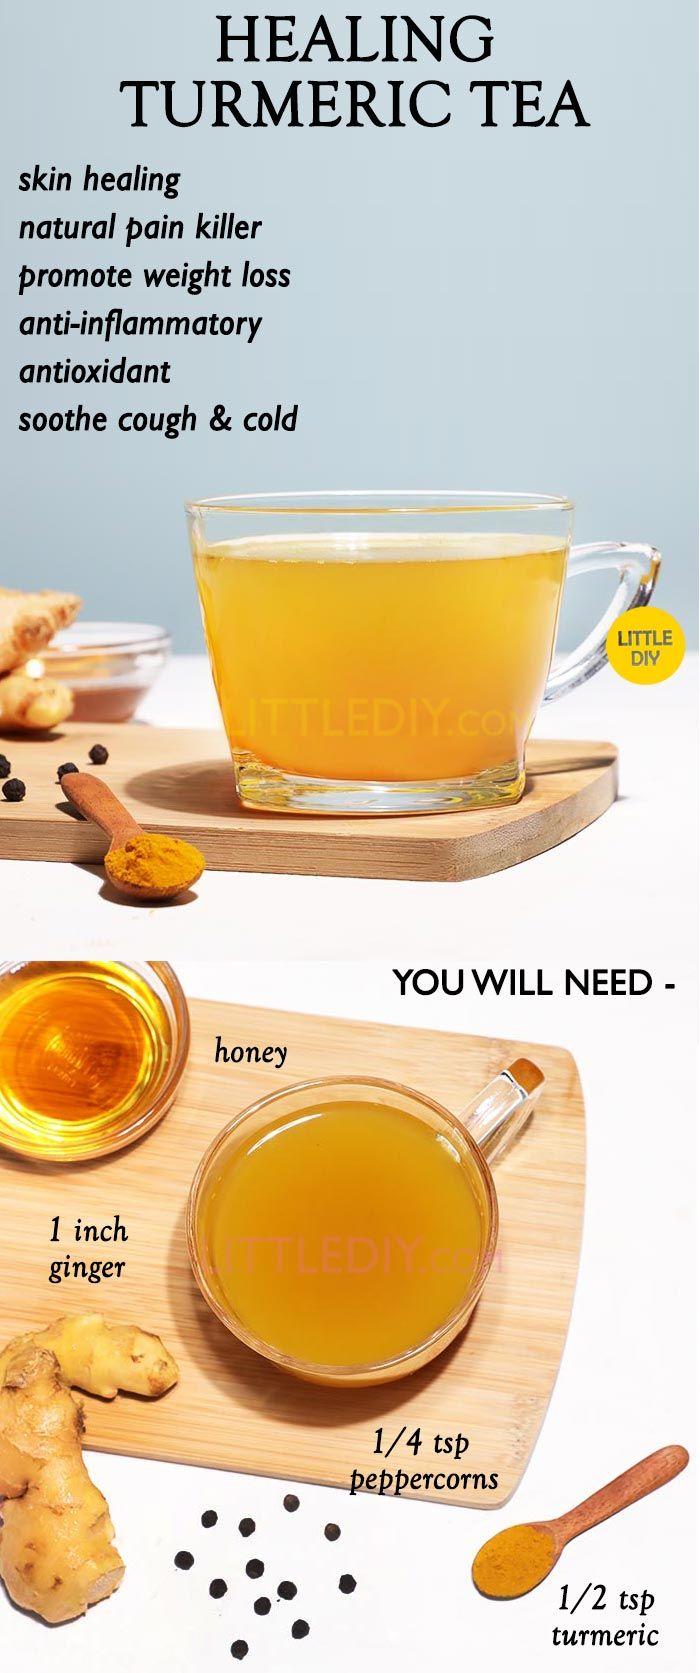 Healing Turmeric Tea Recipe Turmeric Tea Recipe Turmeric Tea Tea Recipes